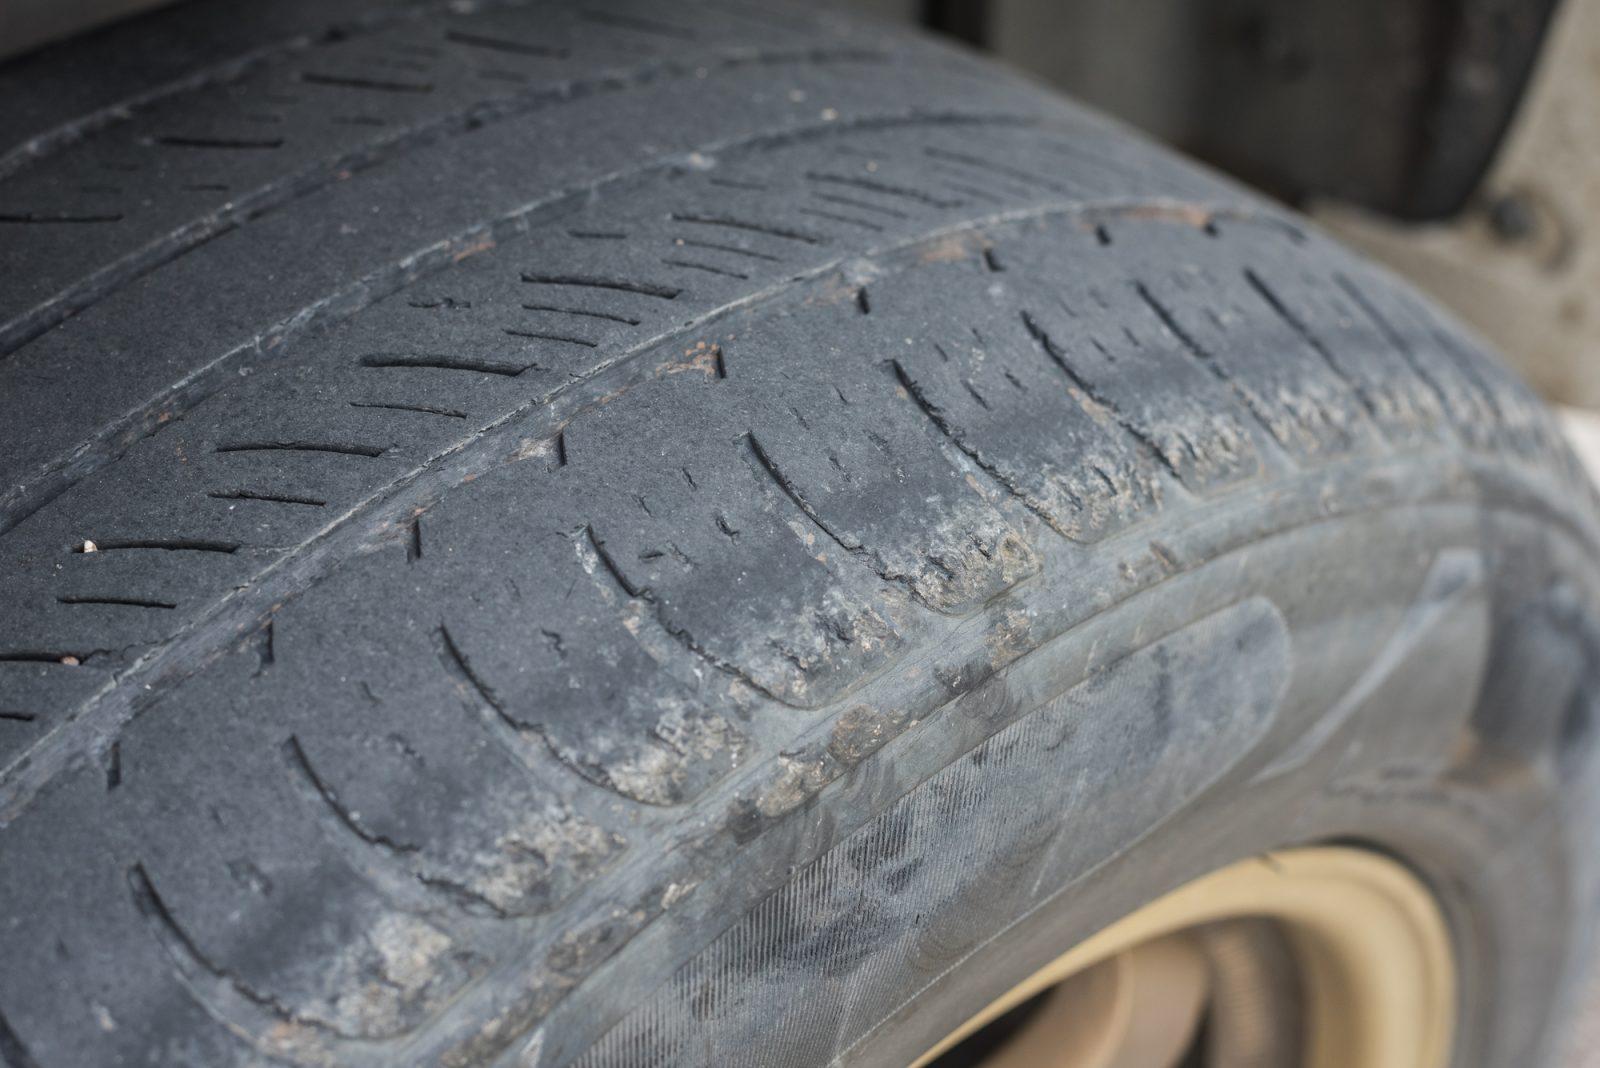 Les différents problèmes de pneus